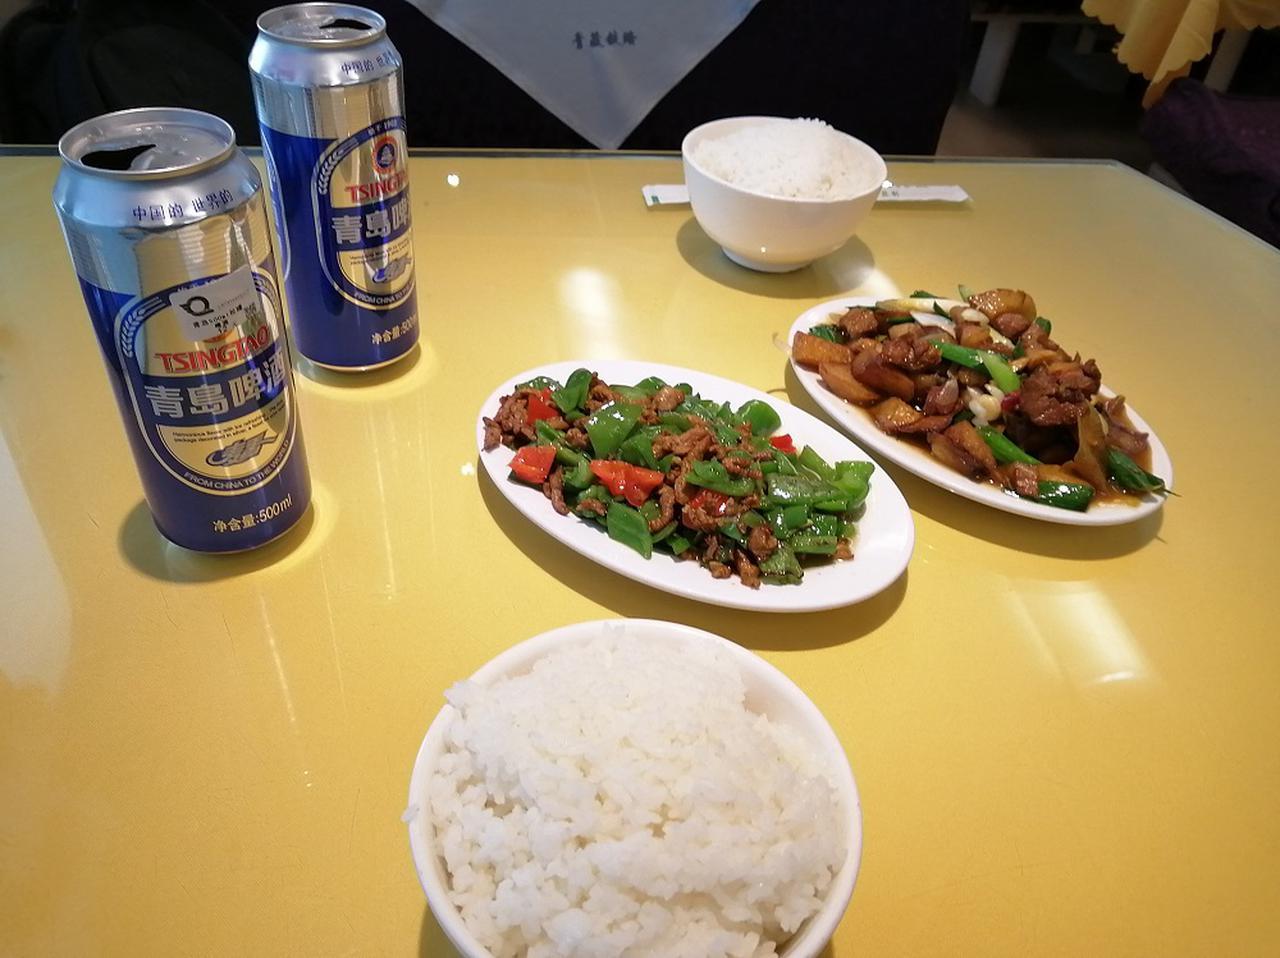 画像: 空いた食堂車にて青椒肉絲とごはんの夕食。左上の青島啤酒(ビール)はこの後筆者を苦しめることになる